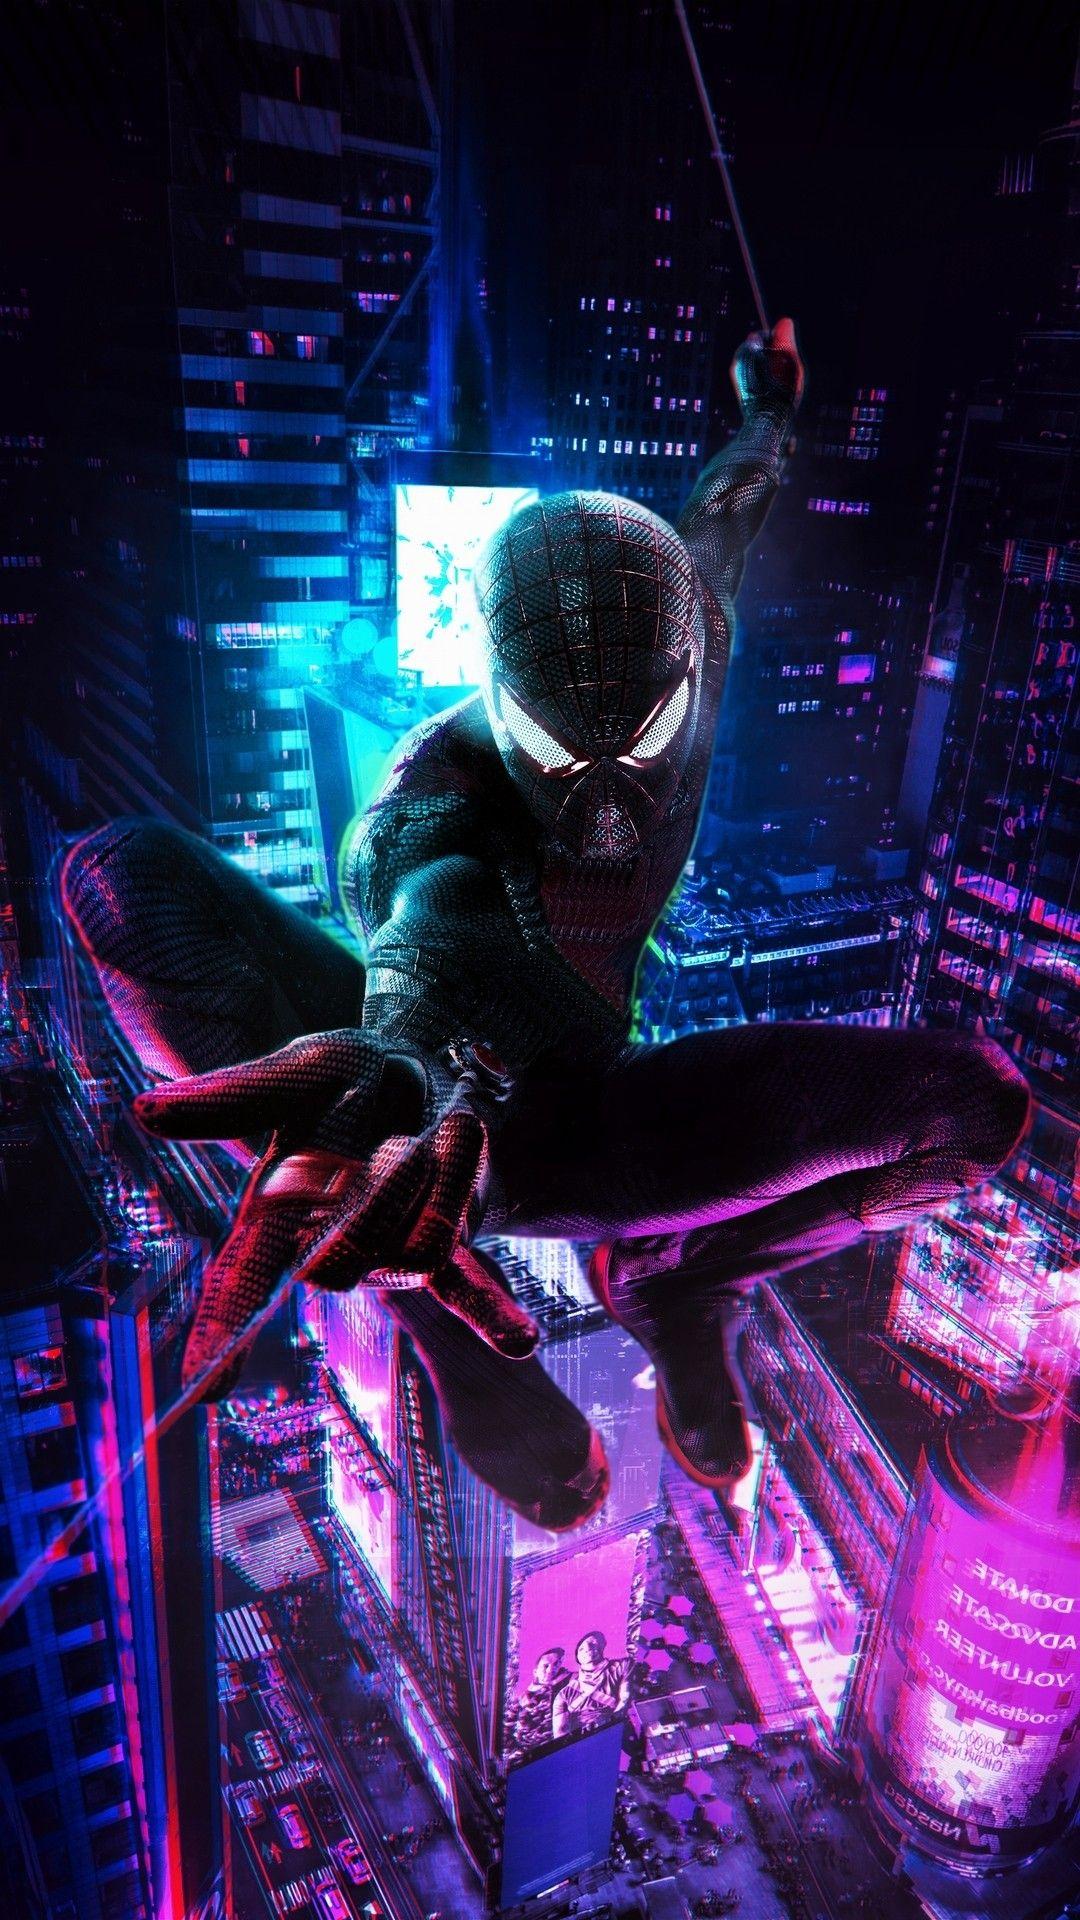 Descarga este Wallpaper de Spiderman gratis para tu